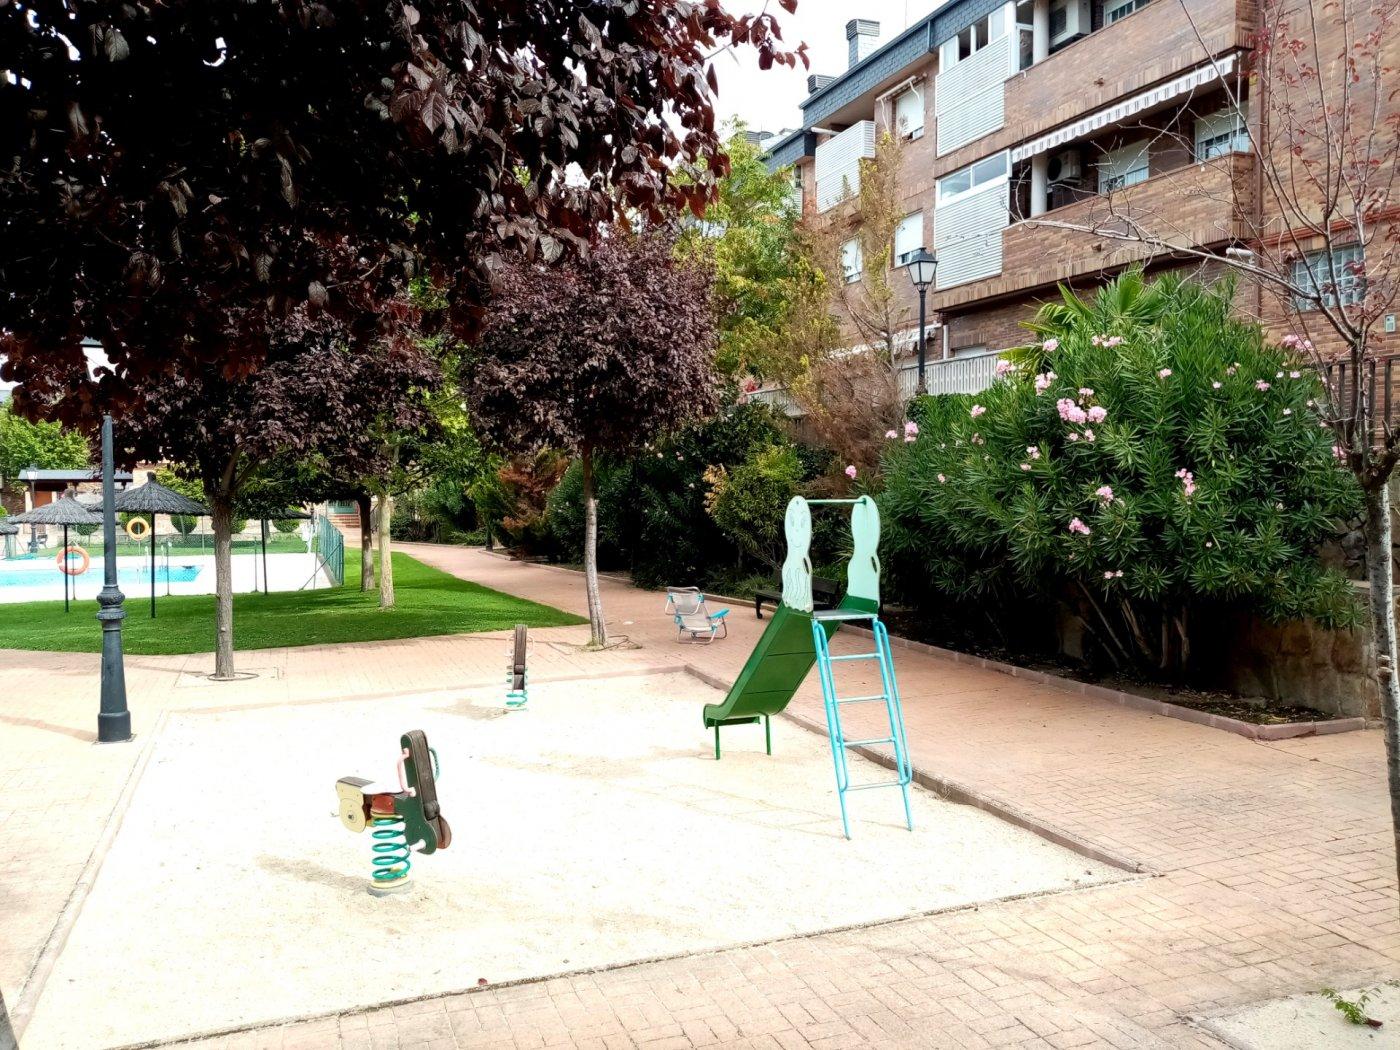 Dúplex · Villanueva Del Pardillo · Ibiza - San Pedro 1.095€ MES€